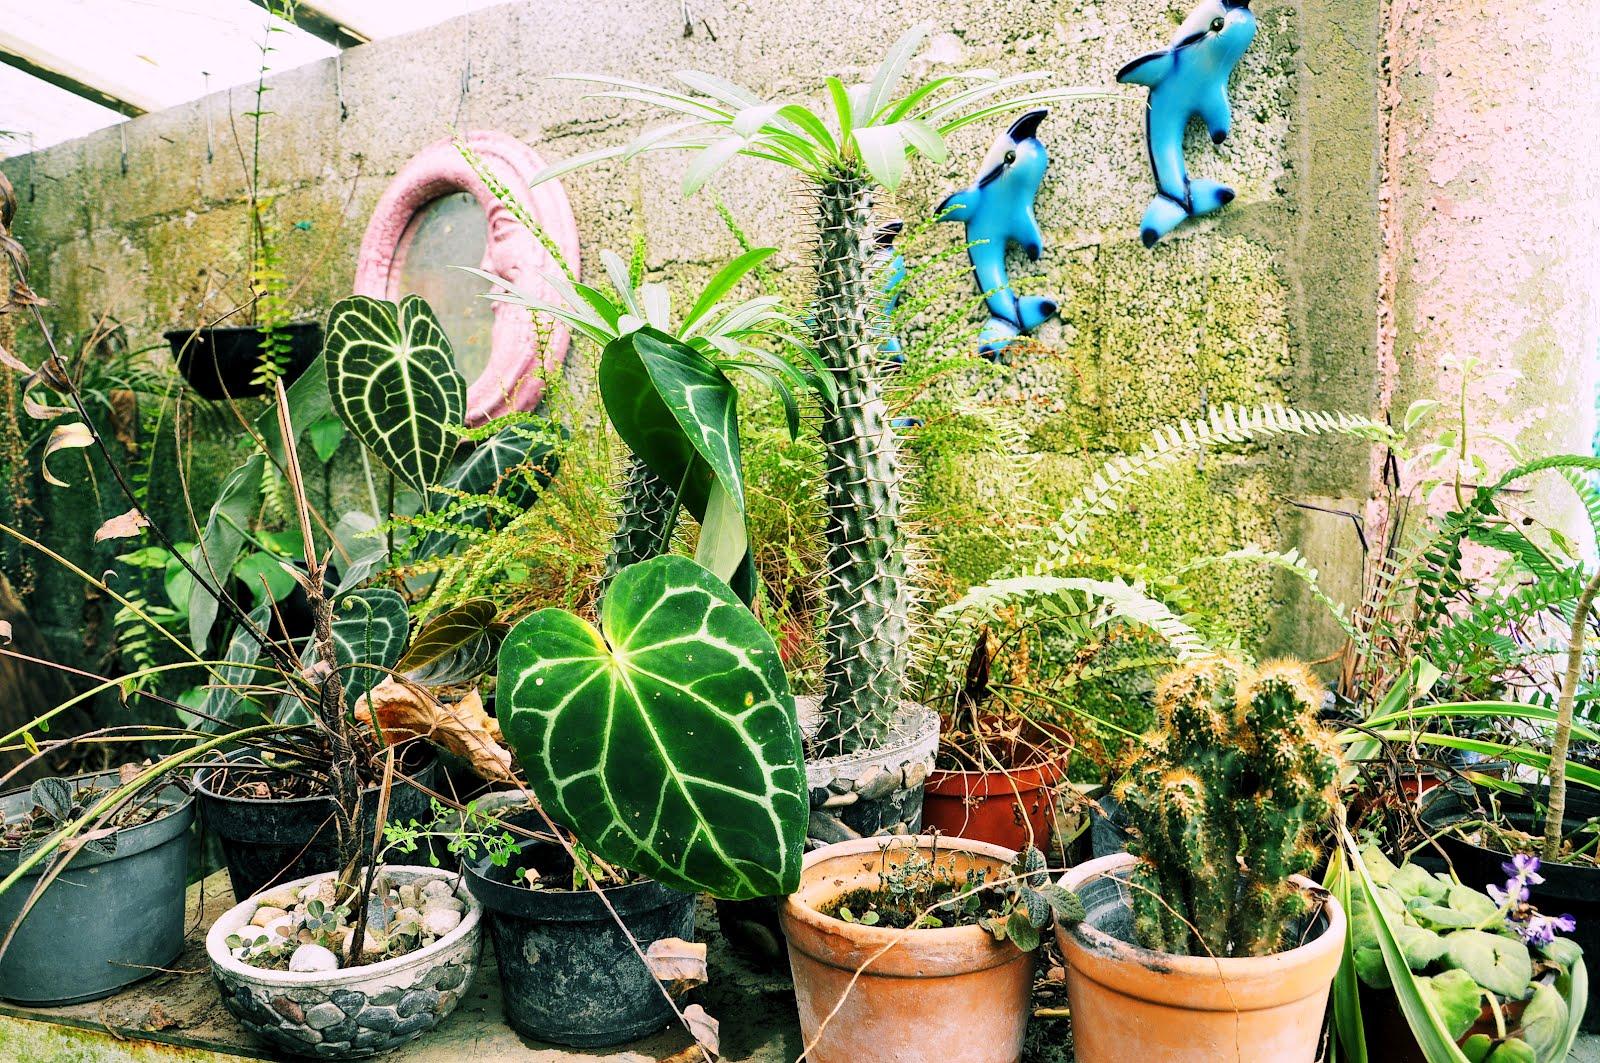 Directorio tlapacoyan vivero y venta de plantas a orillas for Viveros de plantas